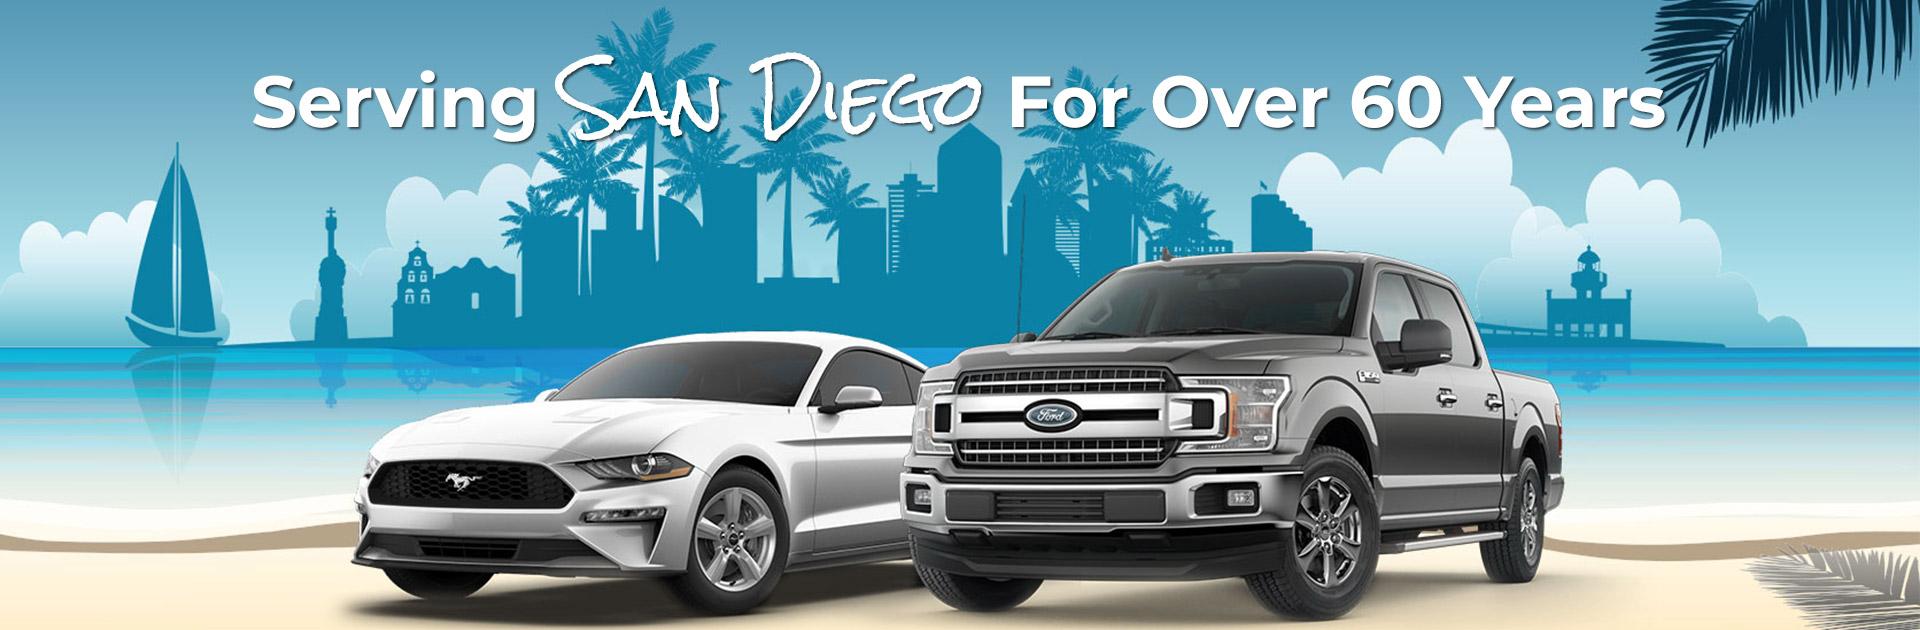 Encinatas Ford Evergreen